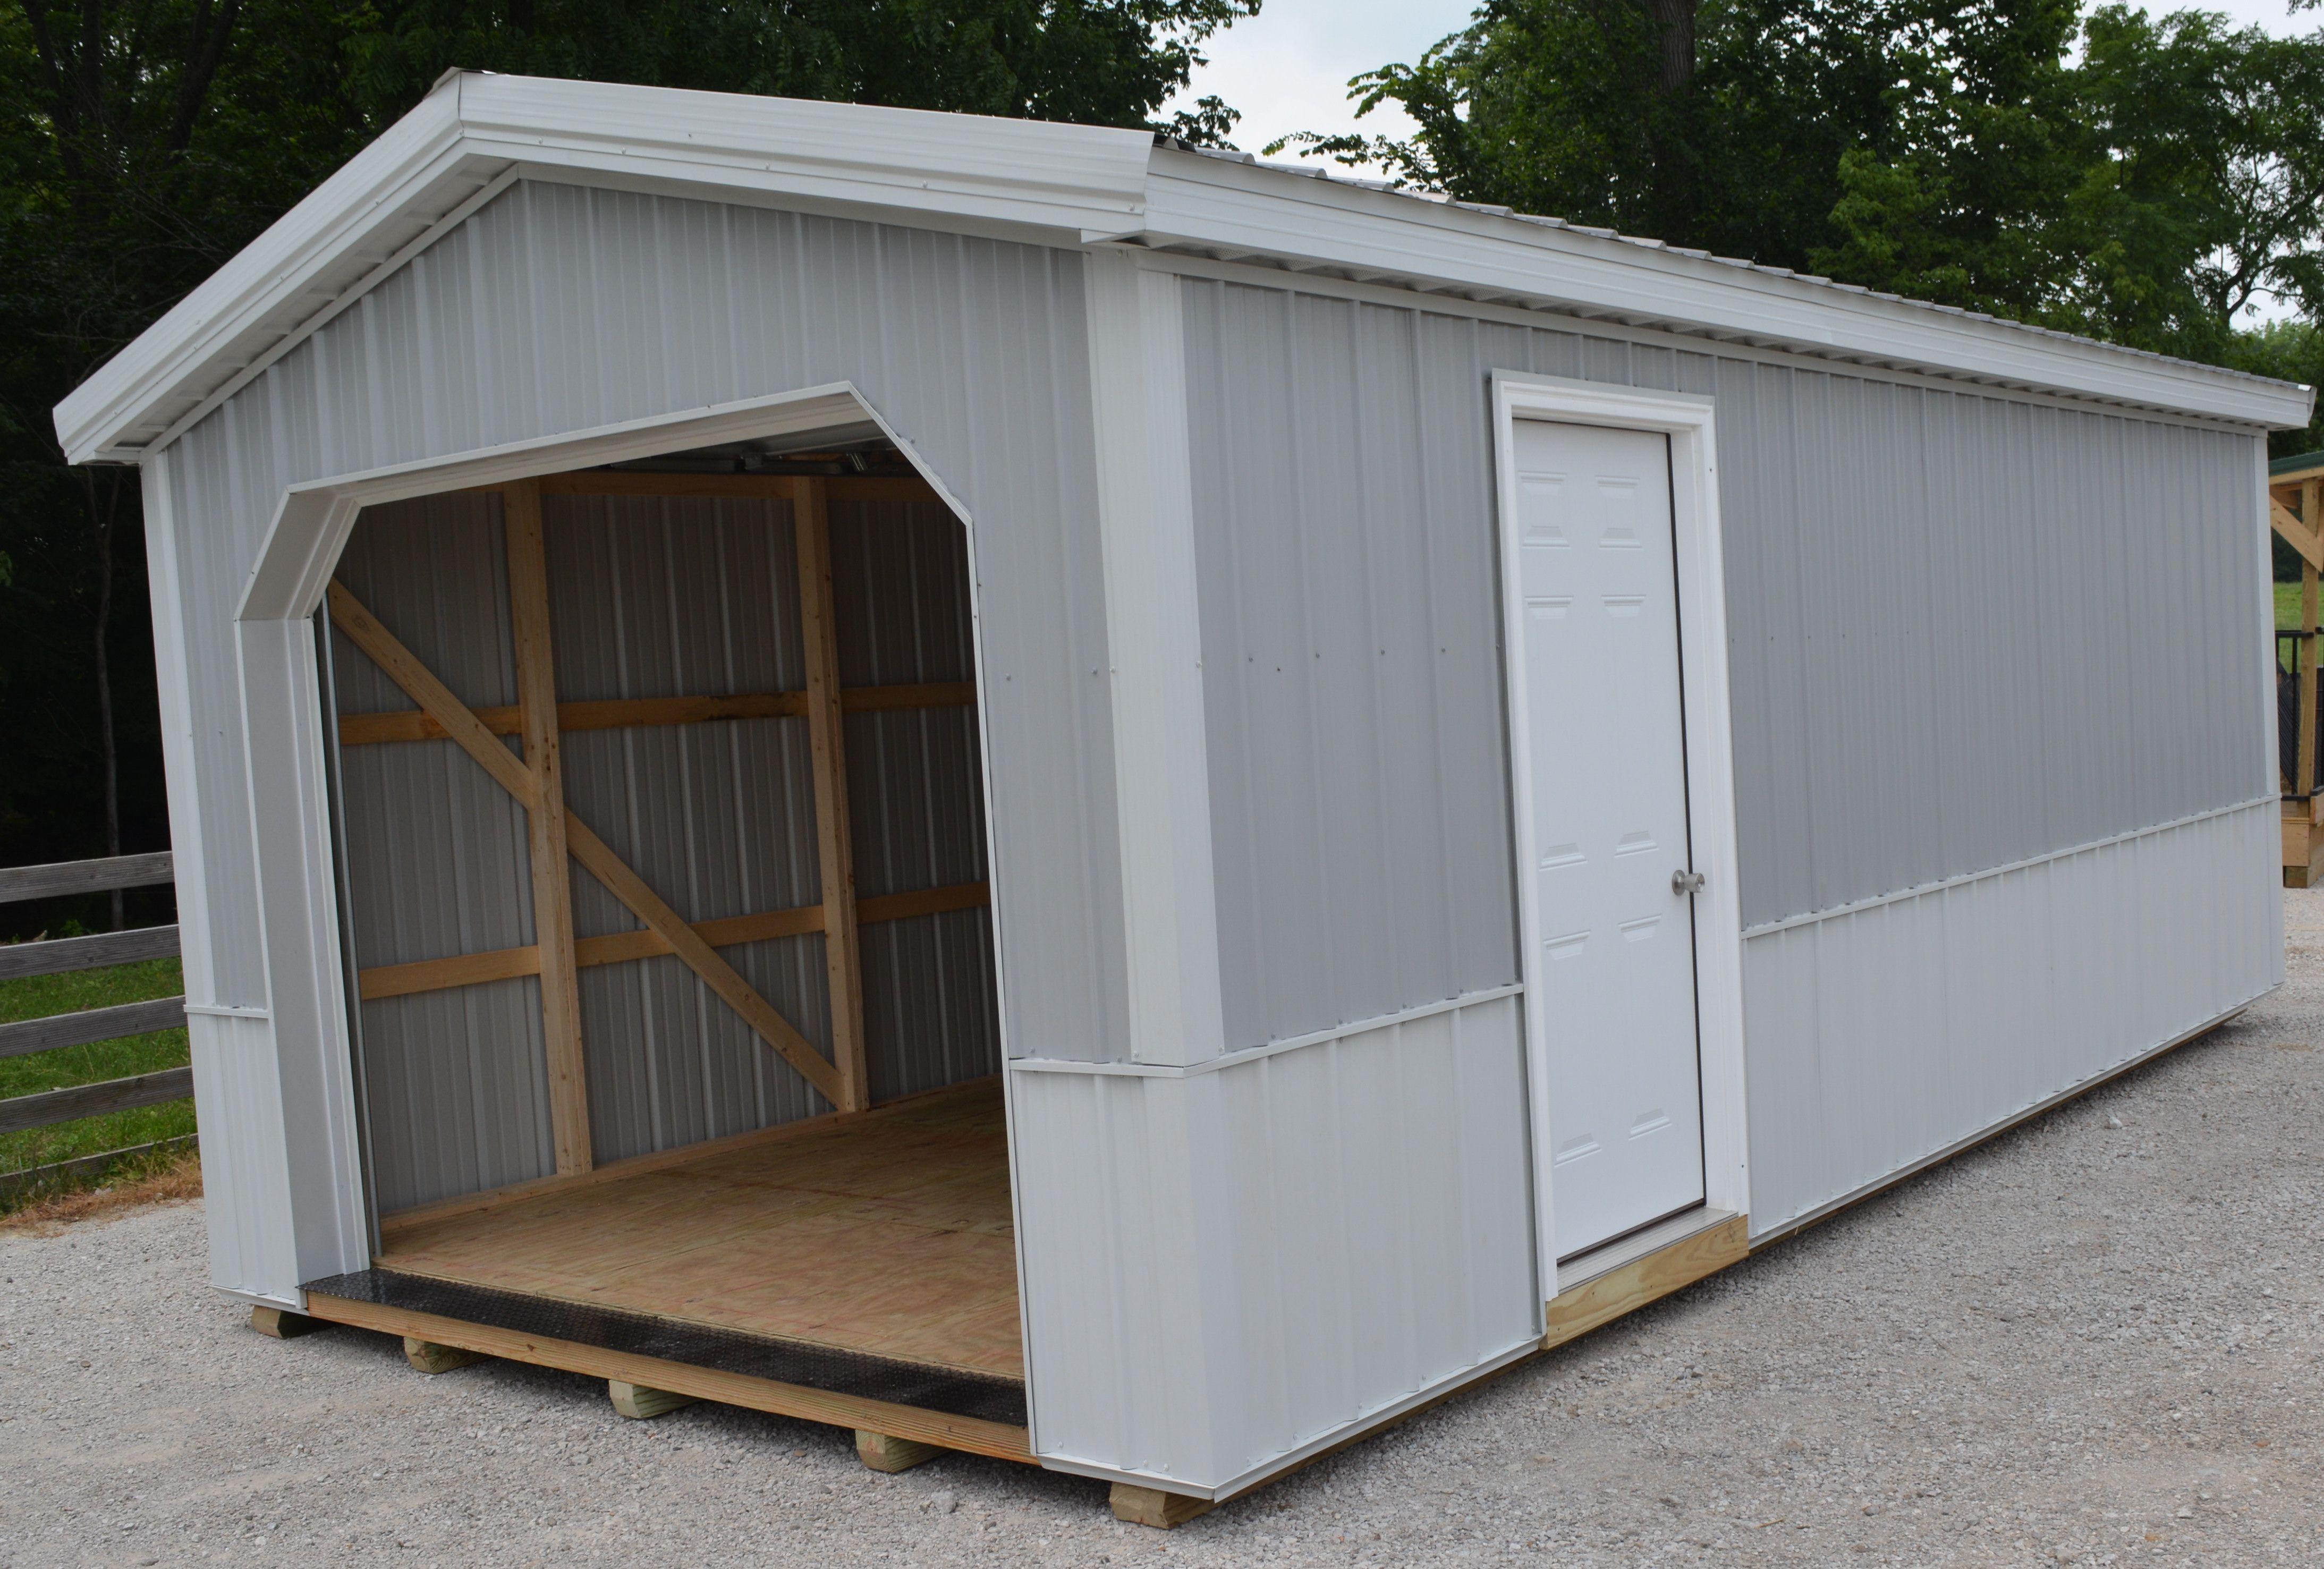 Deluxe Metal Garages Metal garages, Garages, Portable